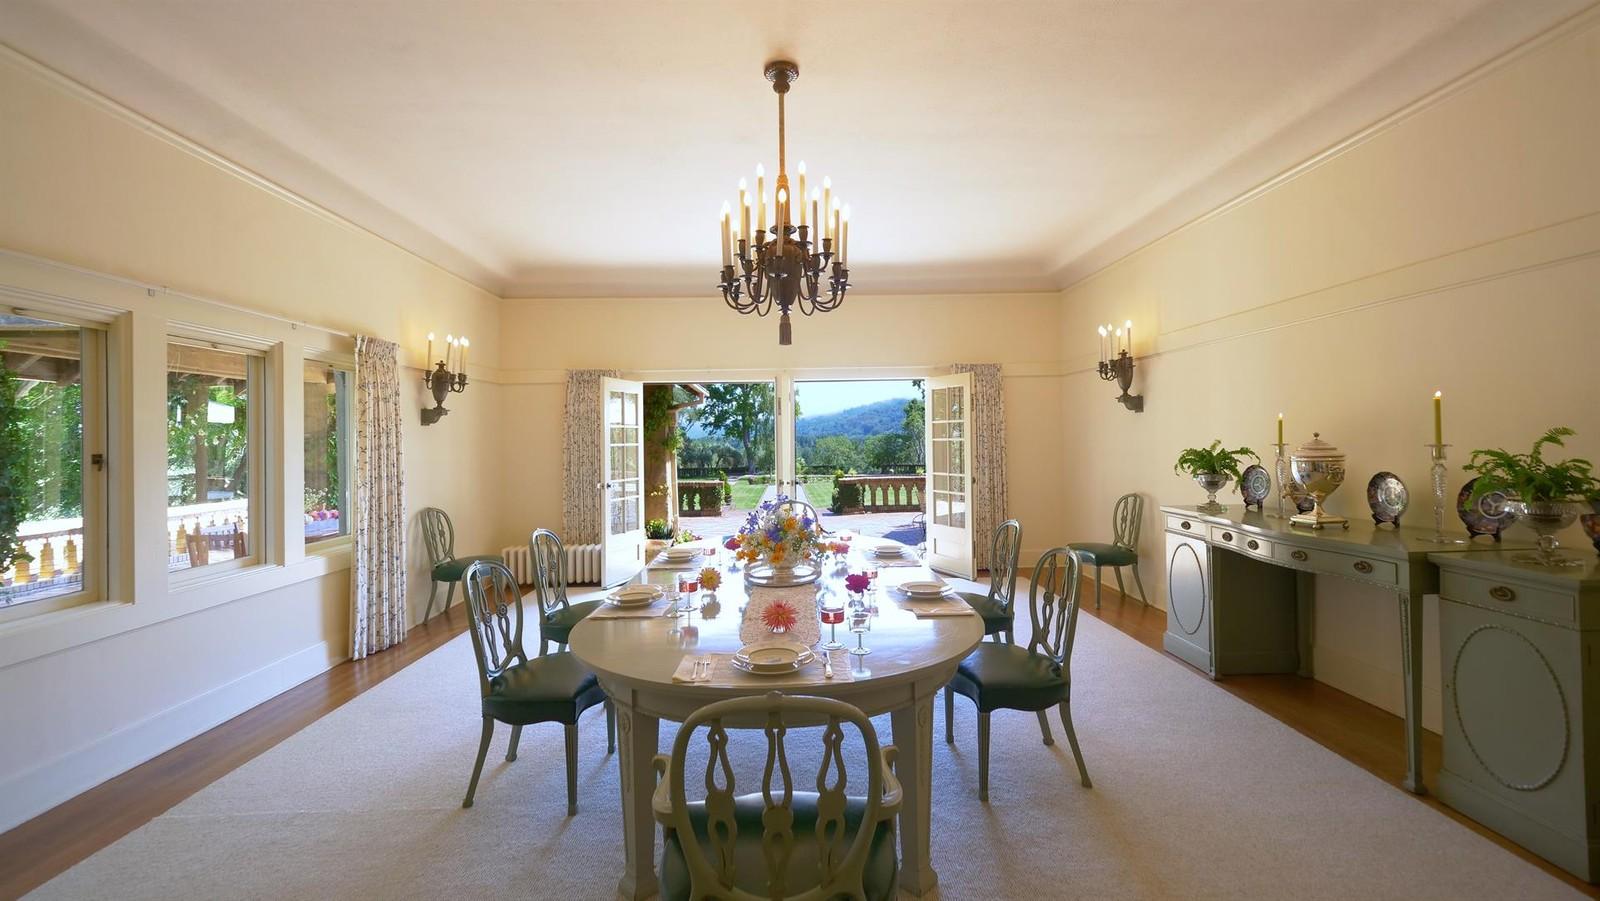 House for sale in Woodside California, mls, property for sale, real estate, Ahava Jerusalem